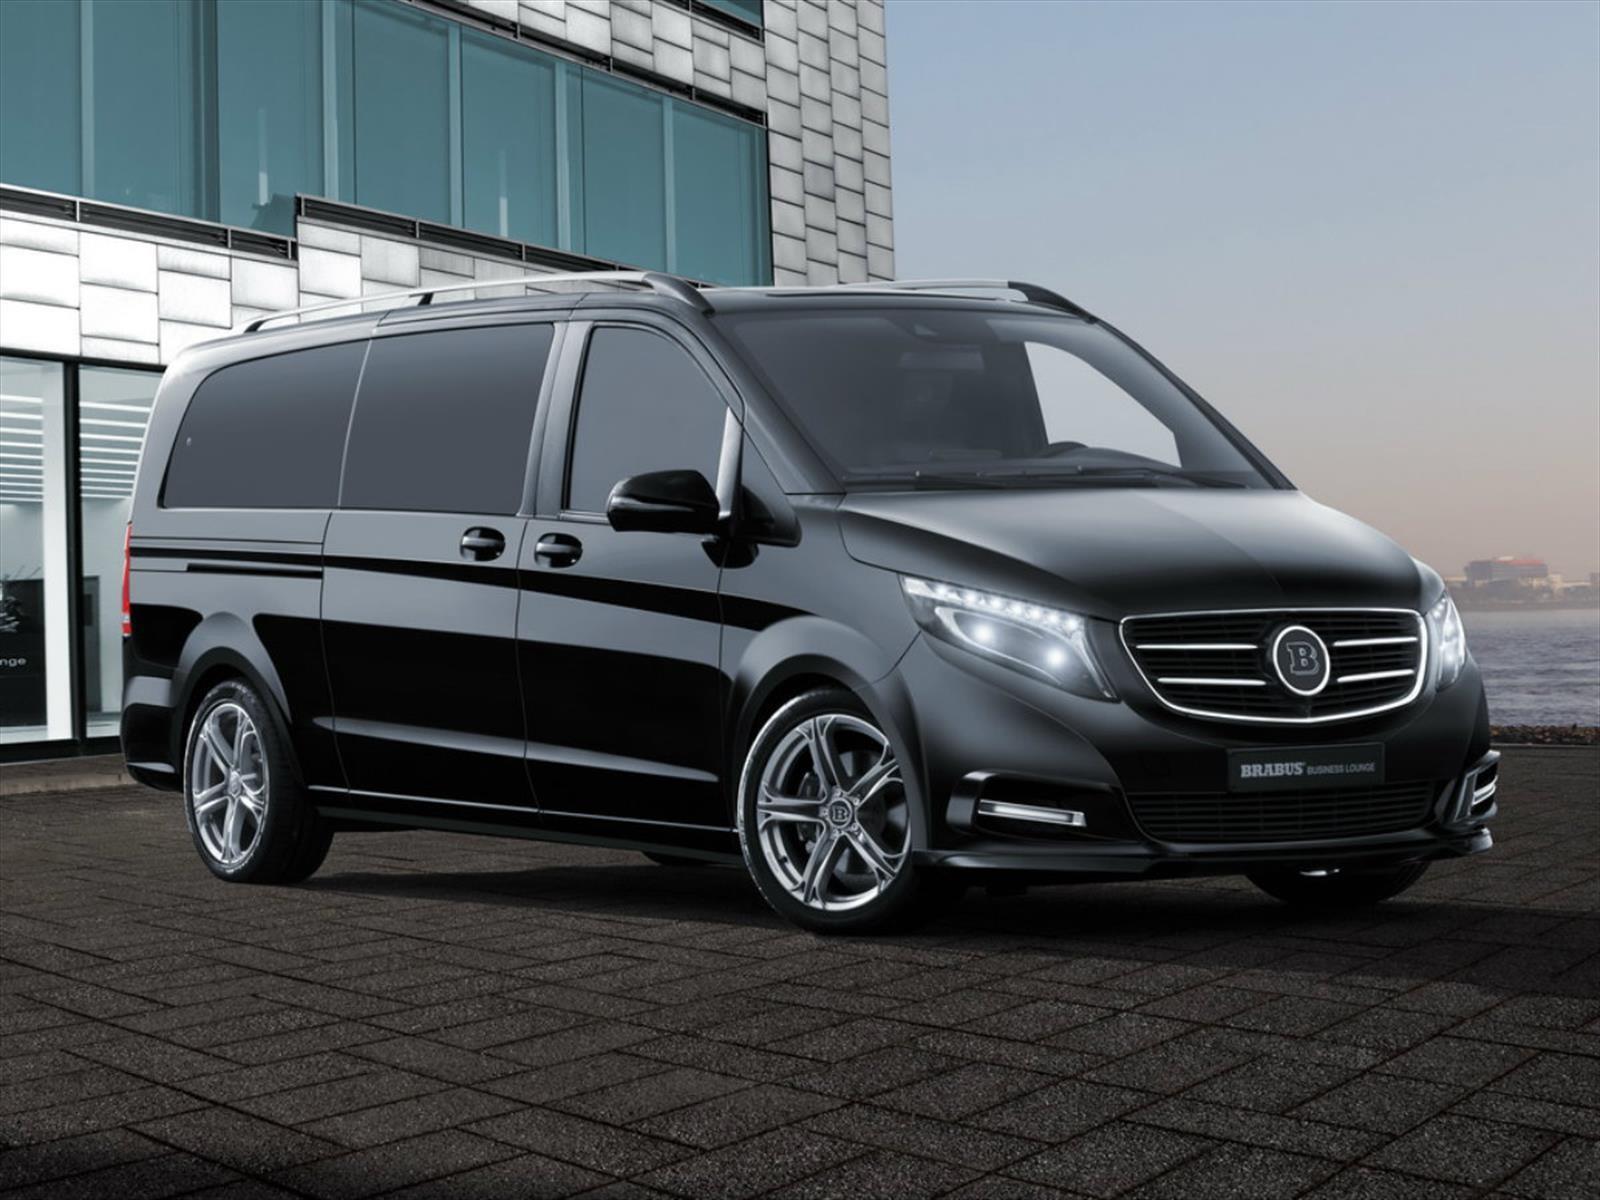 Mercedes-Benz Clase V por Brabus debuta